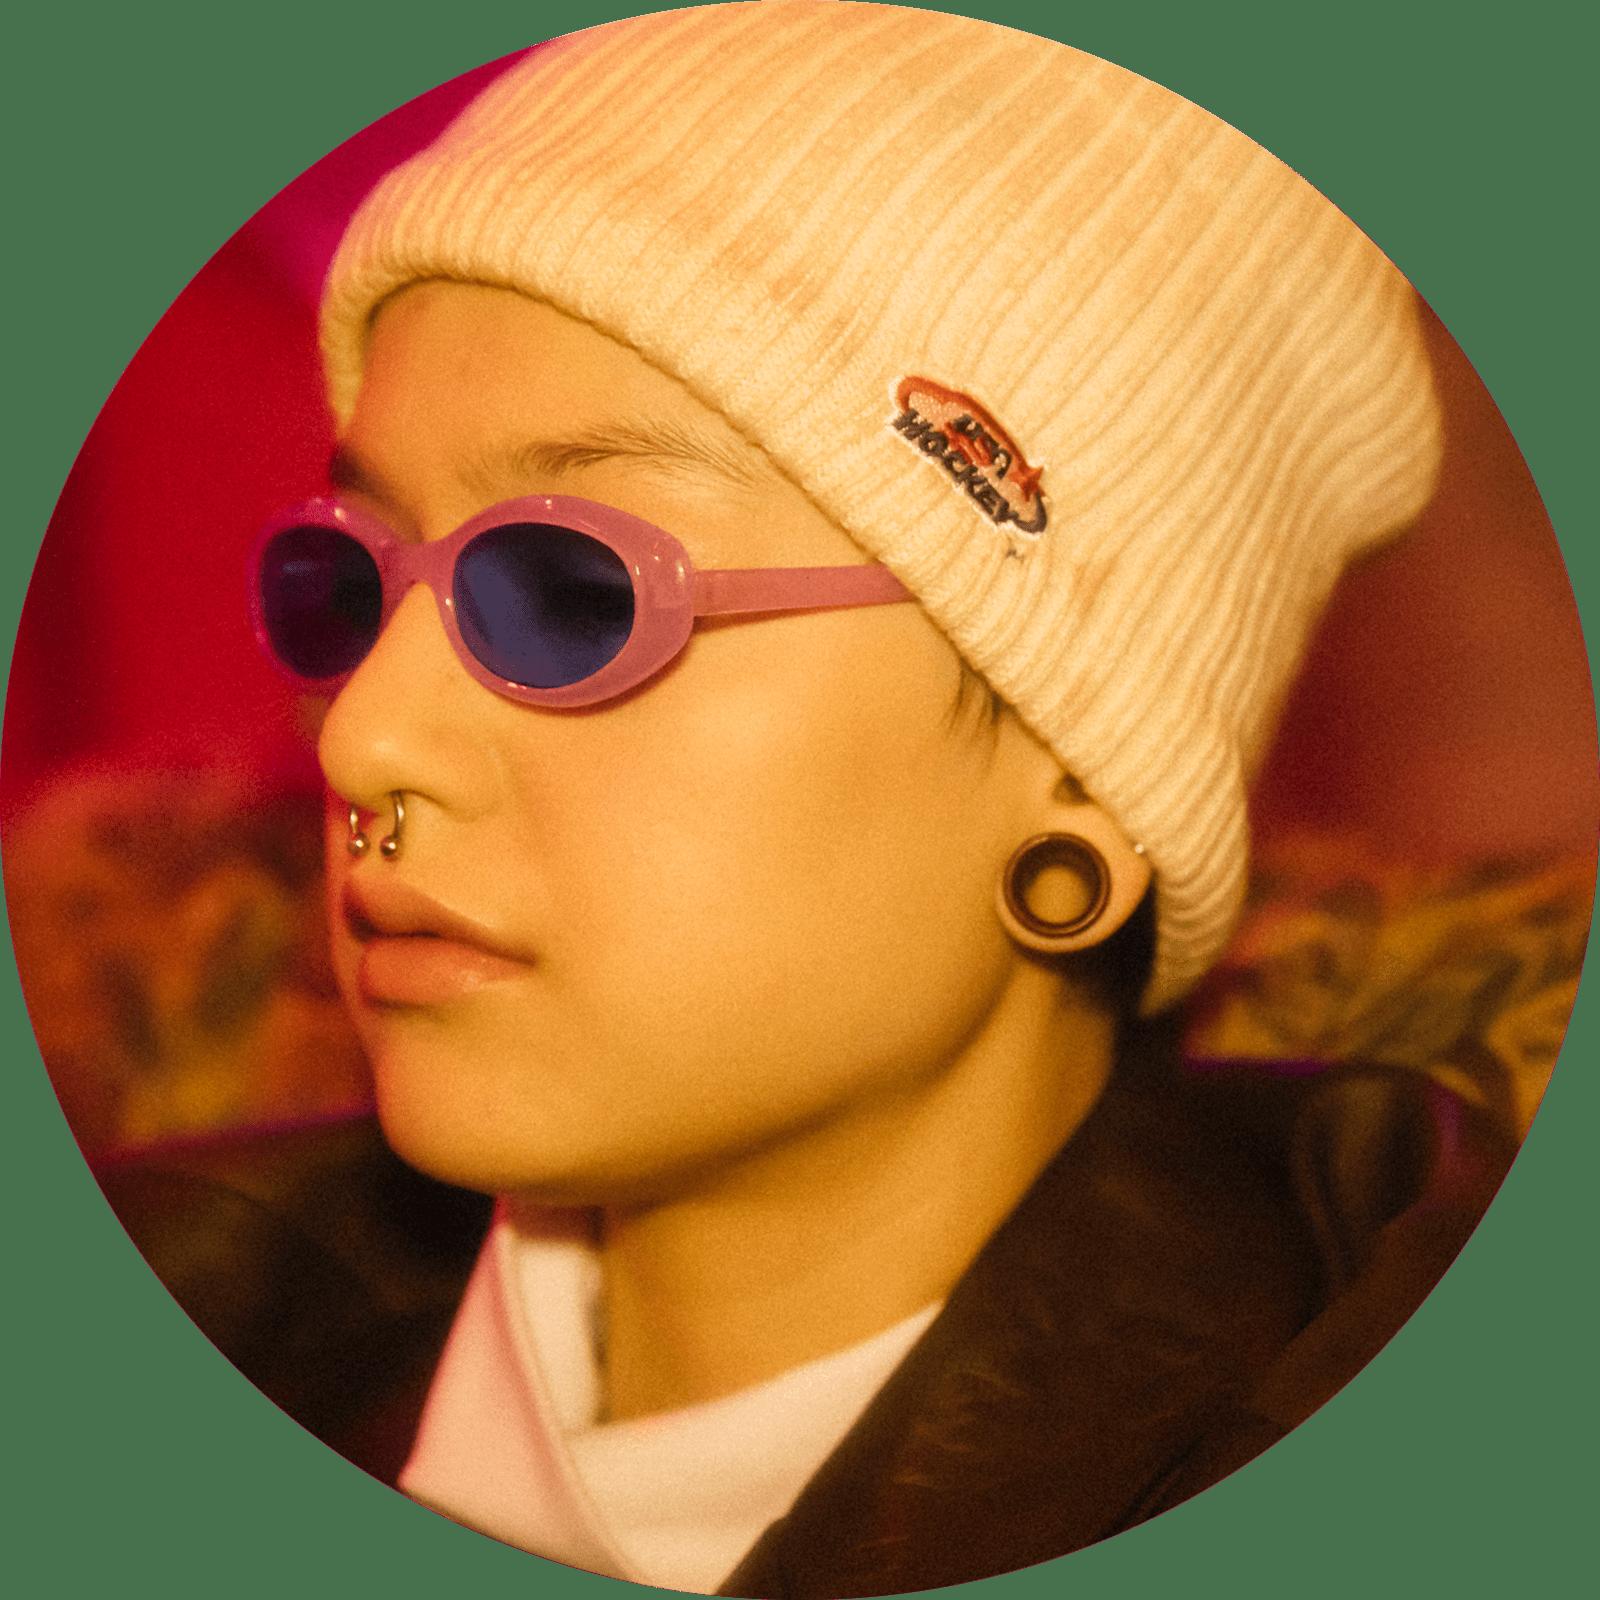 動盪、不安、焦躁 − 解構 Z 世代青年如何品味混雜社會|Buyer's Guide